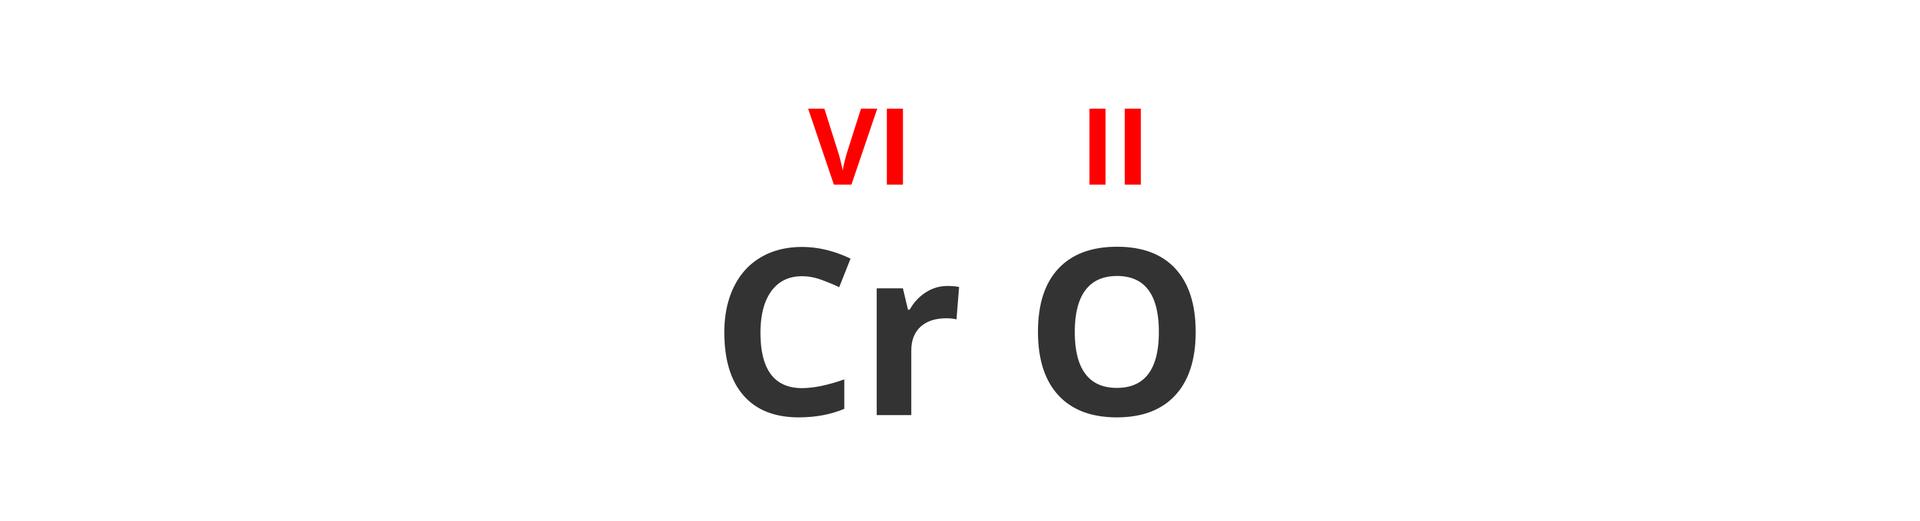 Na ilustracji widoczny jest zaczątek wzoru strukturalnego związku chromu itlenu. Nad symbolami pierwiastków czerwonym kolorem irzymskimi cyframi wyróżniono wartościowość obydwu pierwiastków. Dla chromu jest to sześć, adla tlenu dwa.